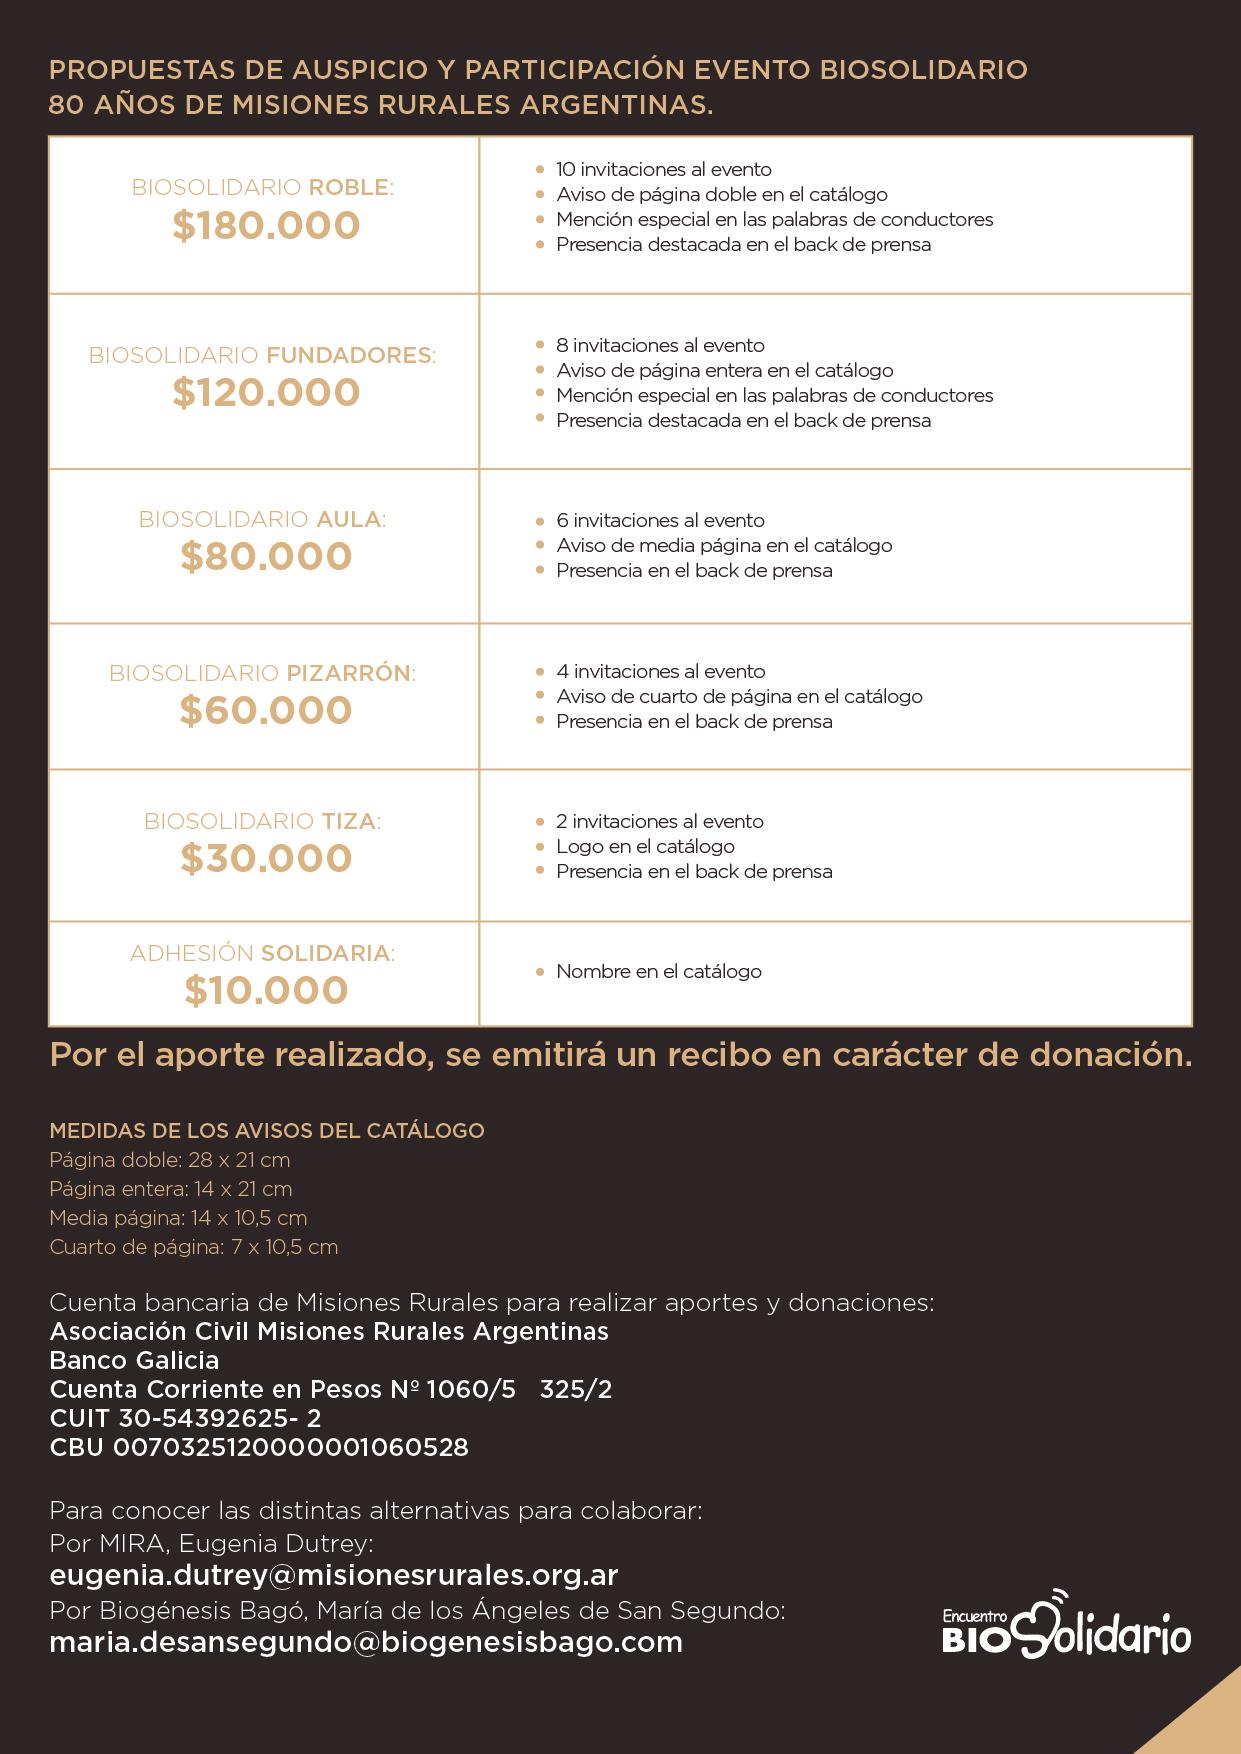 Propuestas de Sponsoreo - Biosolidario 2018